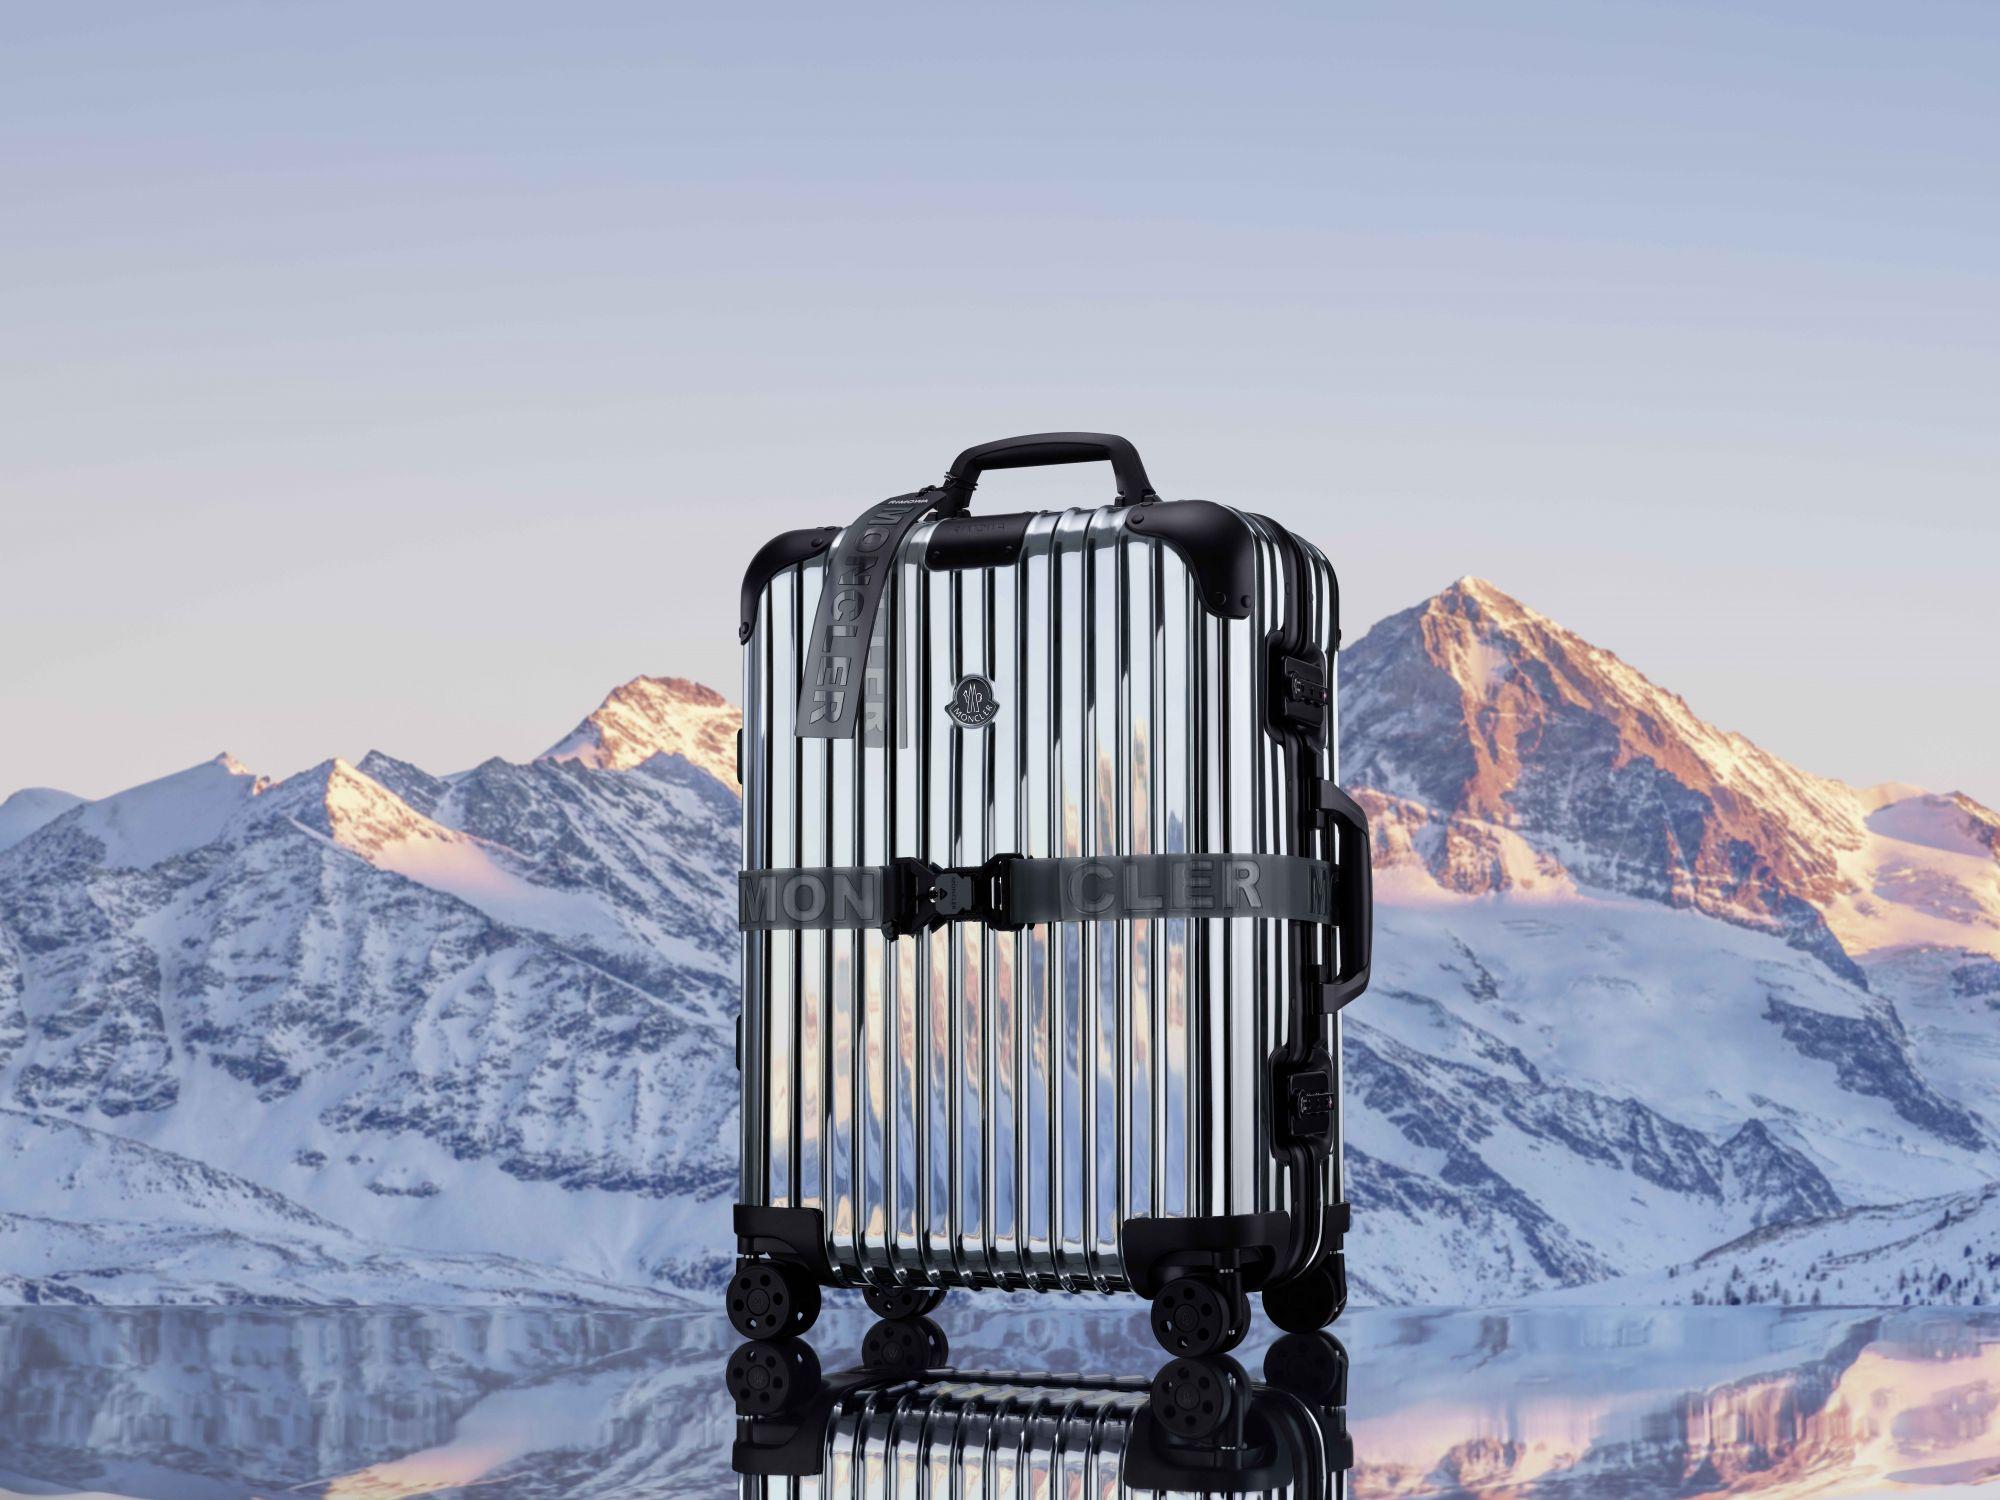 Moncler x Rimowa絕美聯名行李箱開賣! 宛如時髦羽絨衣的鏡面鋁合金行李箱